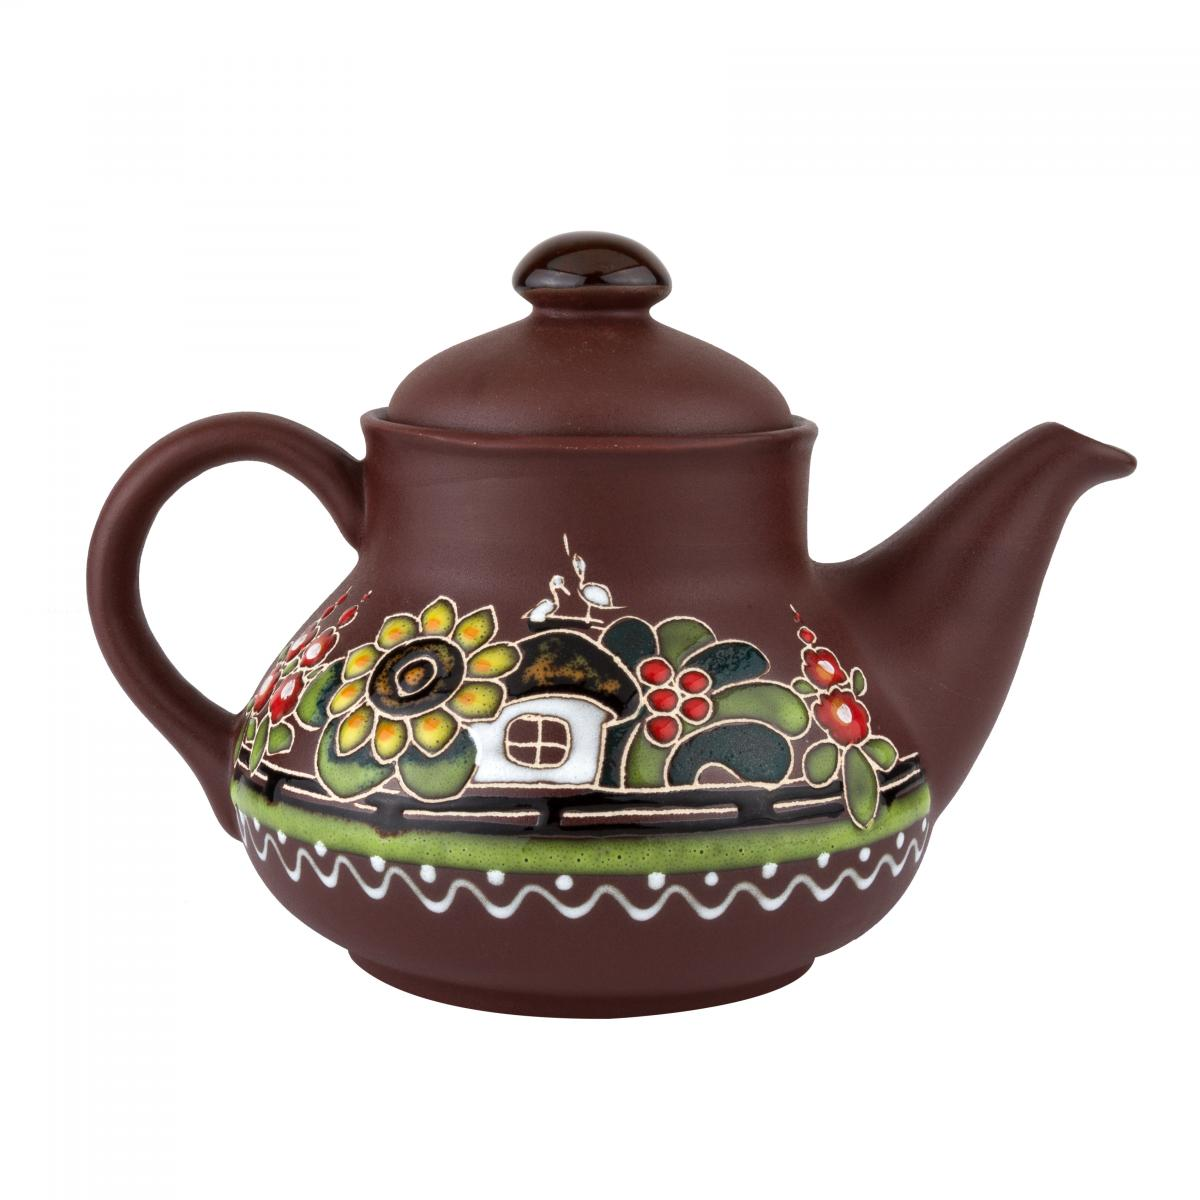 Керамічний чайник Хуторок 0.7 л. Фото №1. | Народний дім Україна